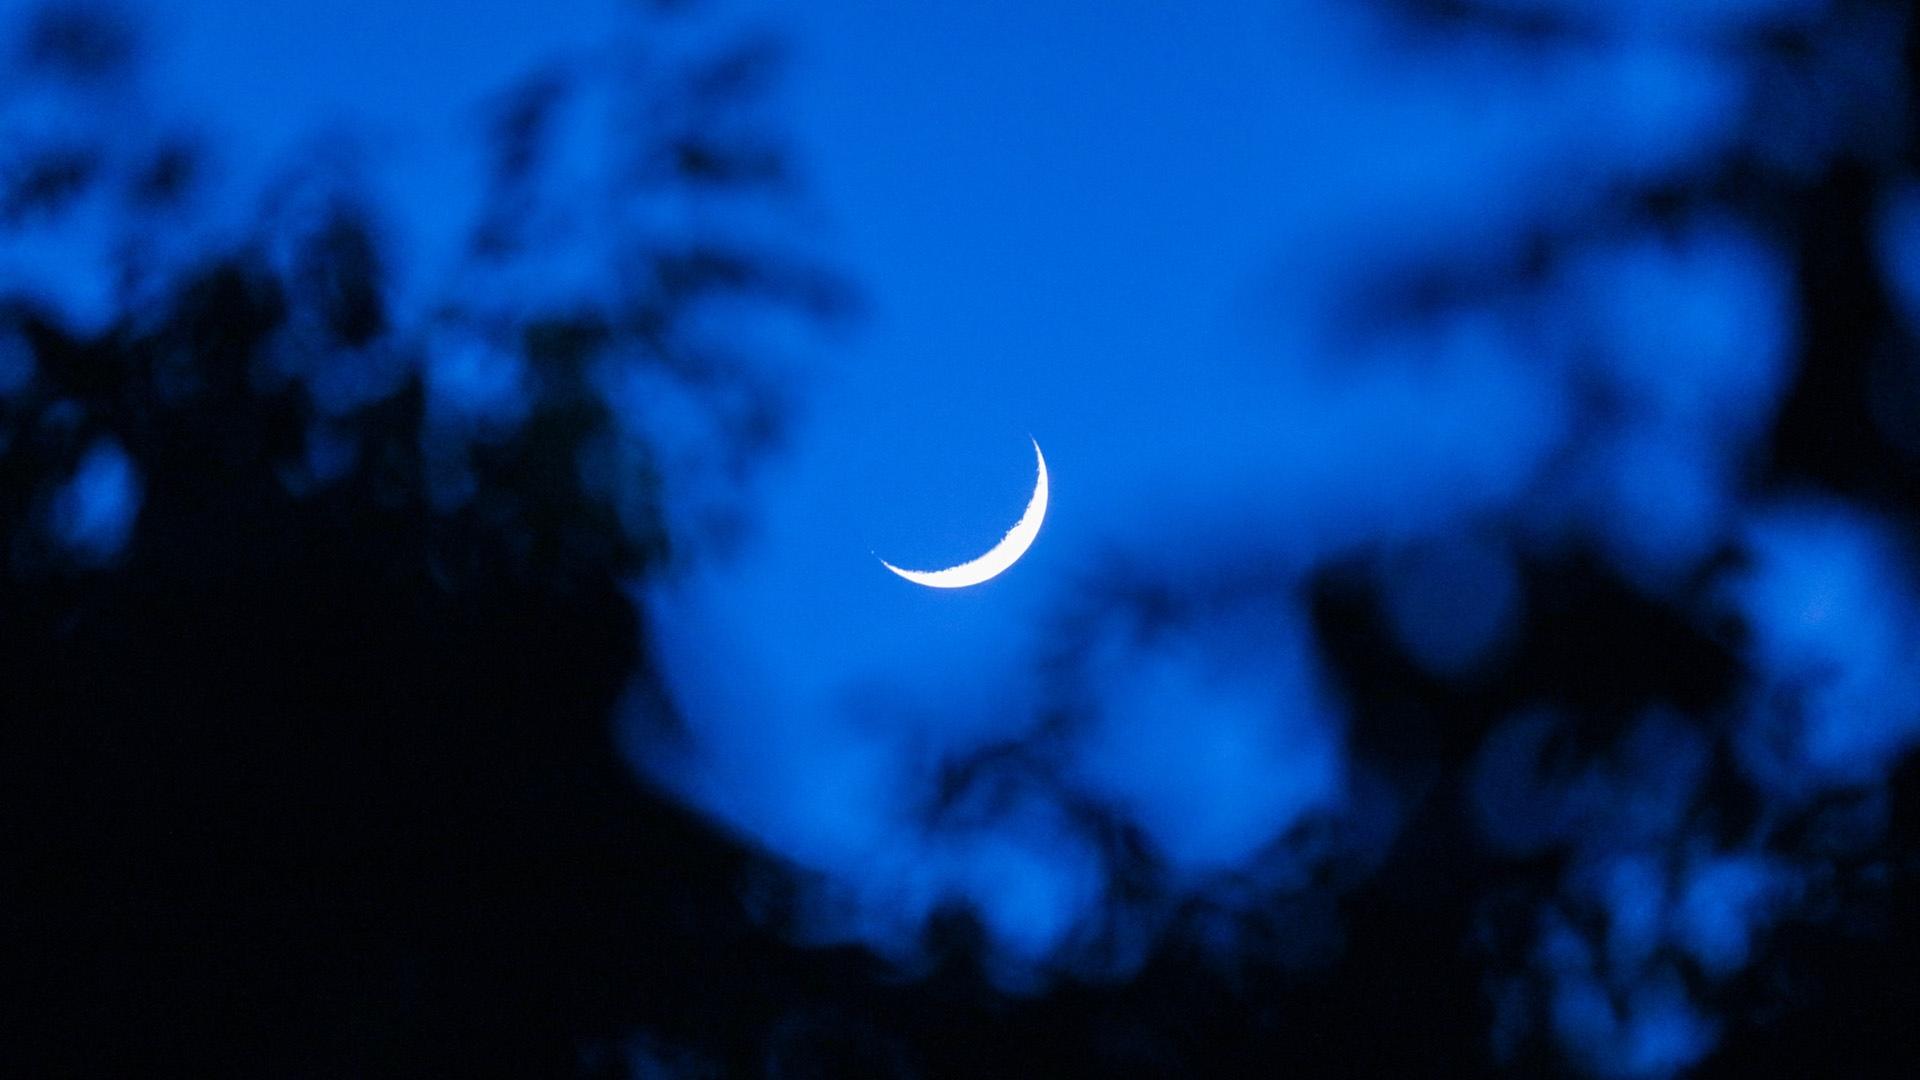 深夜寂静的夜空月亮图片